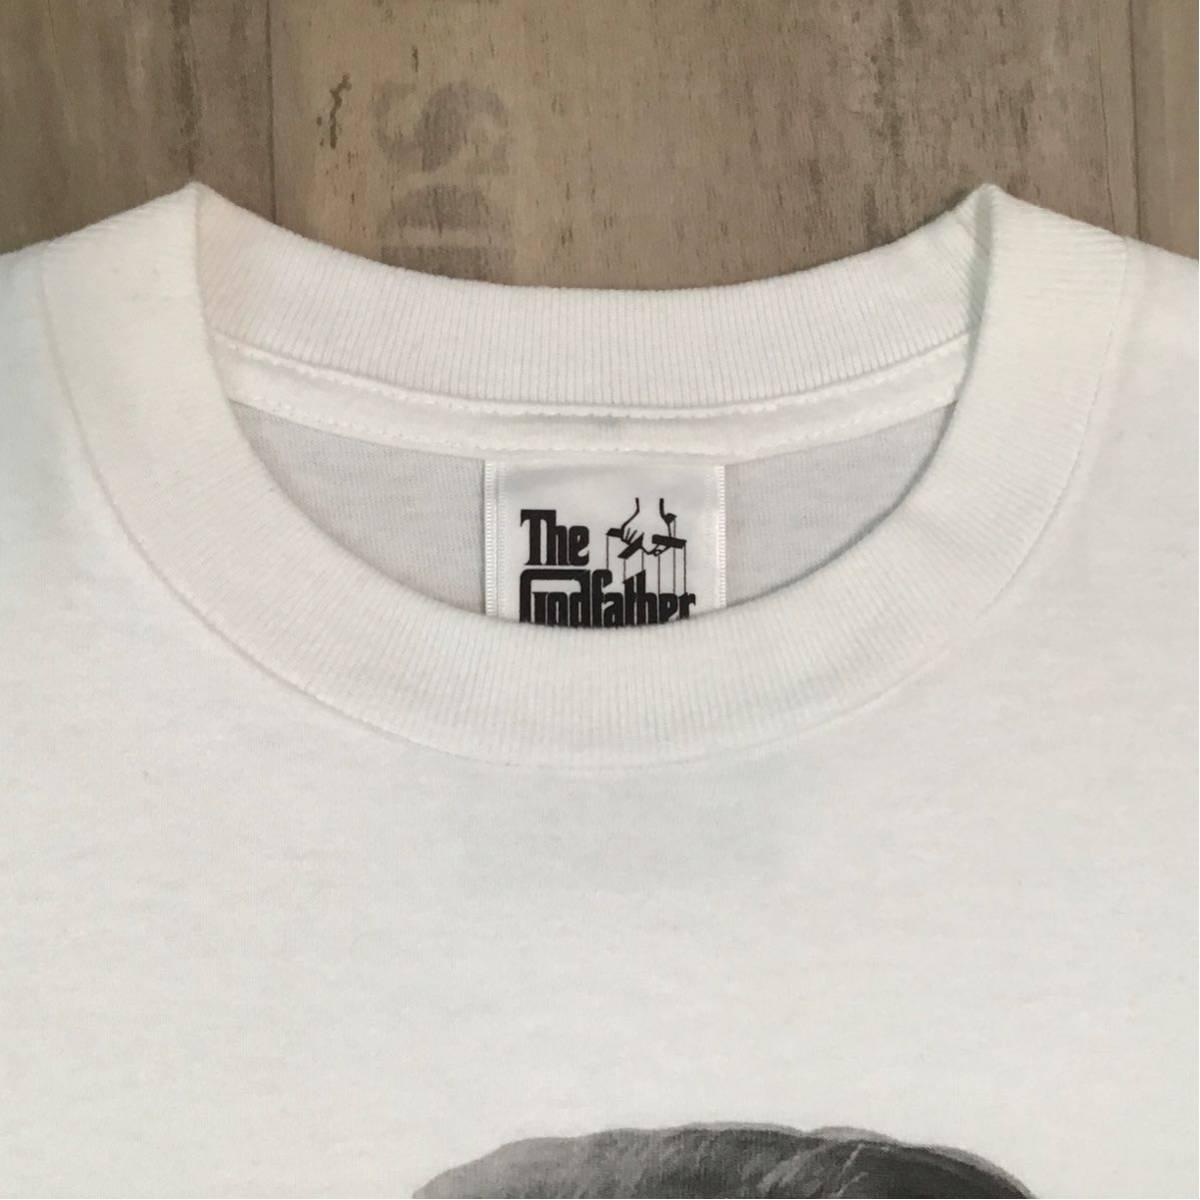 ★激レア★ Godfather × bape Marlon Brando Tシャツ Mサイズ a bathing ape ゴッドファーザー エイプ ベイプ アベイシングエイプ NIGO d1